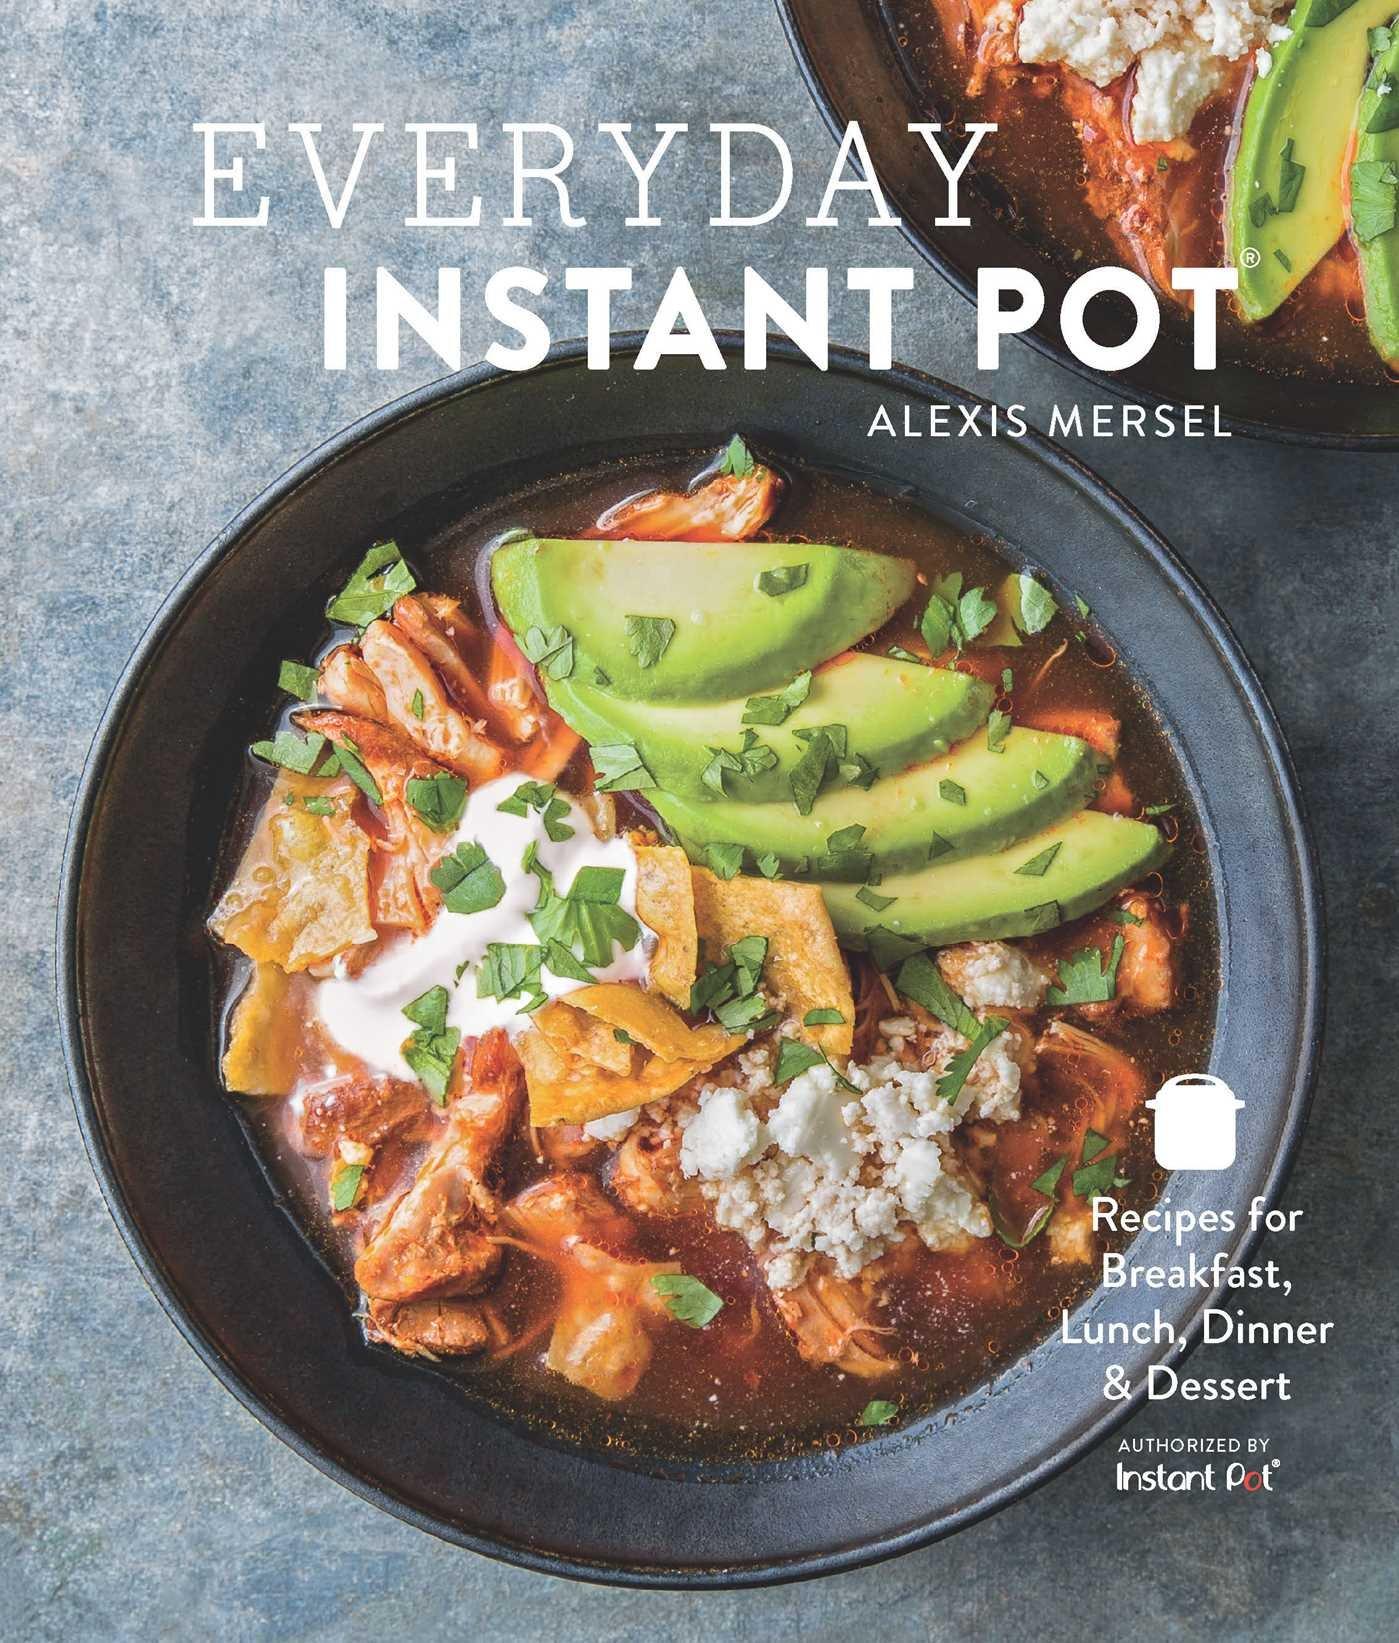 Everyday Instant Pot: Amazon.es: Alexis Mersel: Libros en idiomas extranjeros